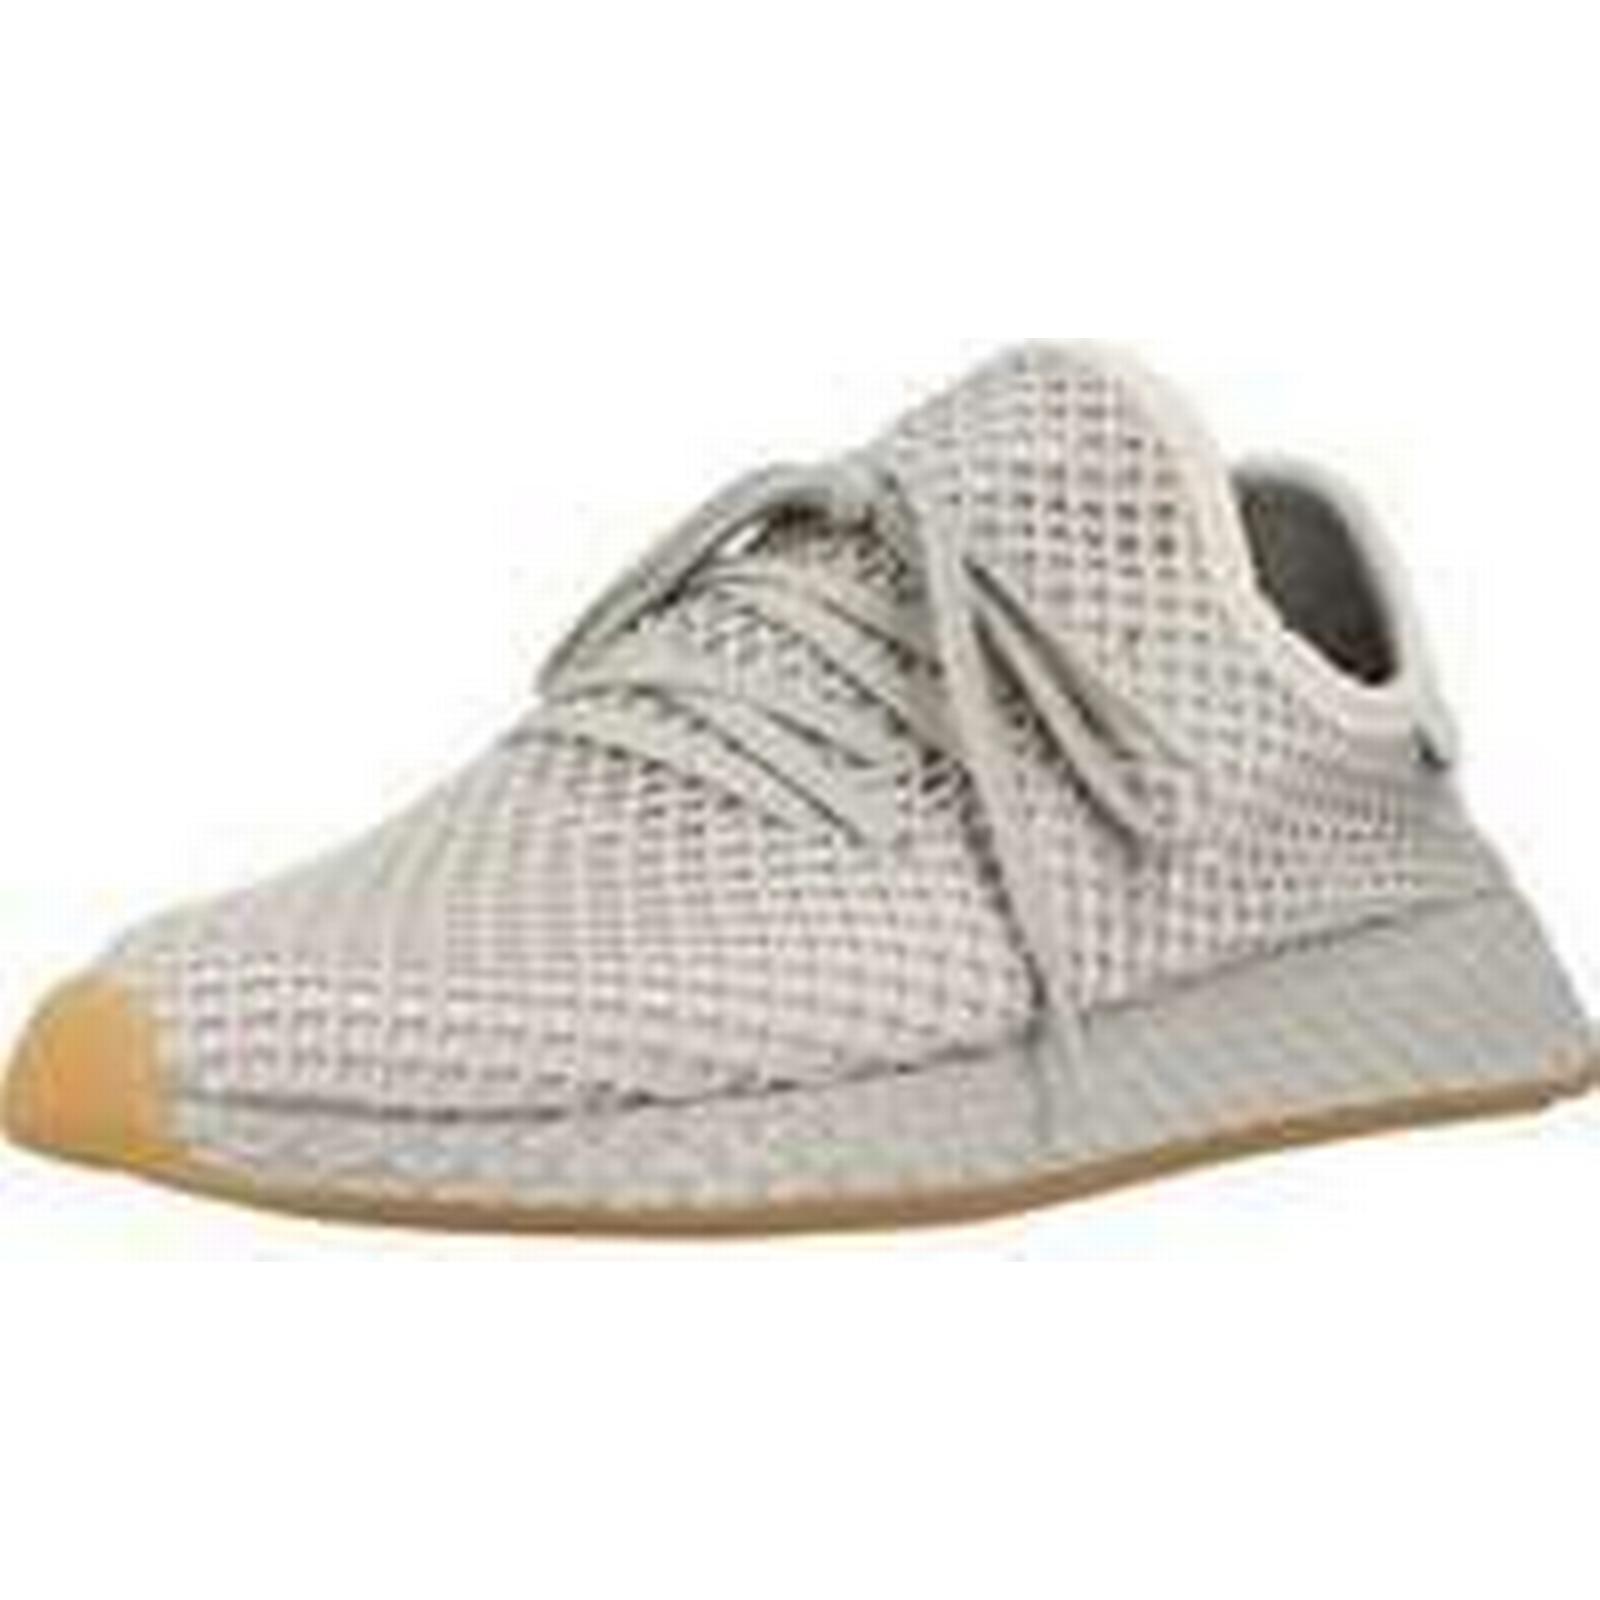 S En Spartoo Adidas Deerupt Chaussure Co Hommesamp;; Uk Runner Kcljtf13 n0O8kPwX